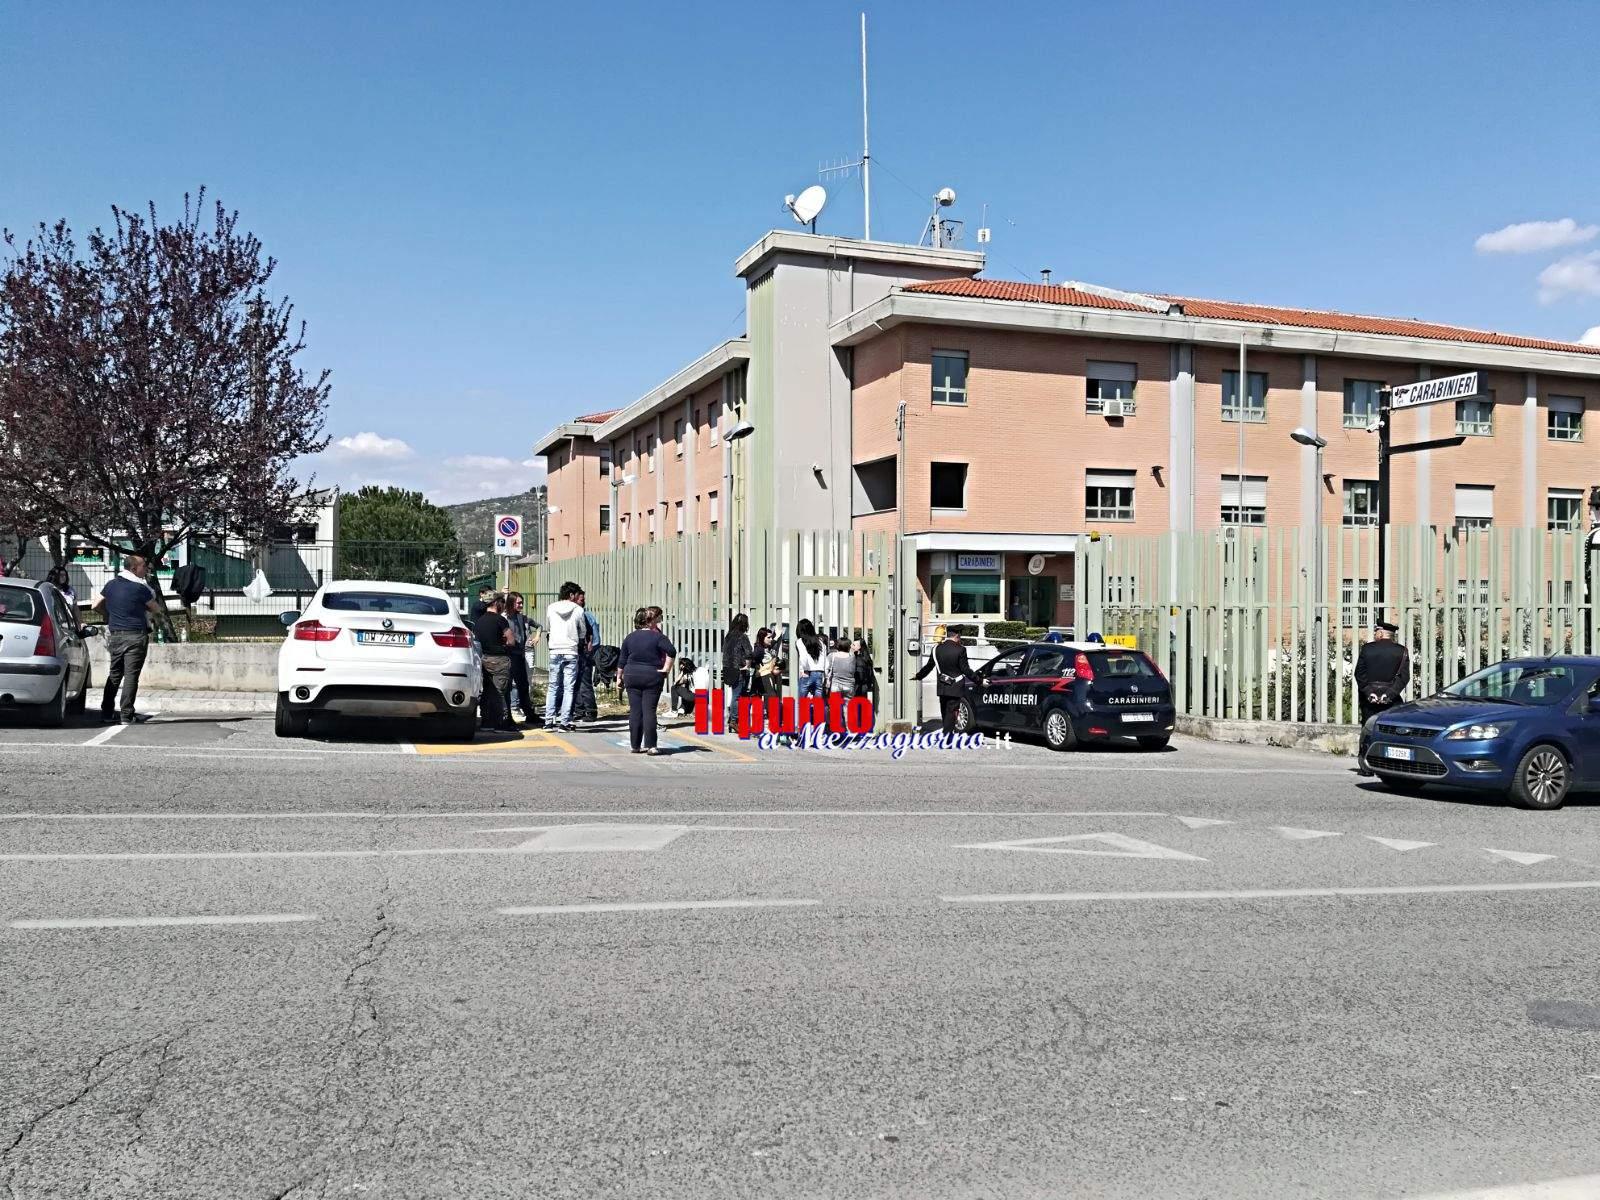 Omicidio di Alatri, indagini concentrate anche sulla Skoda. Indagati restano in carcere